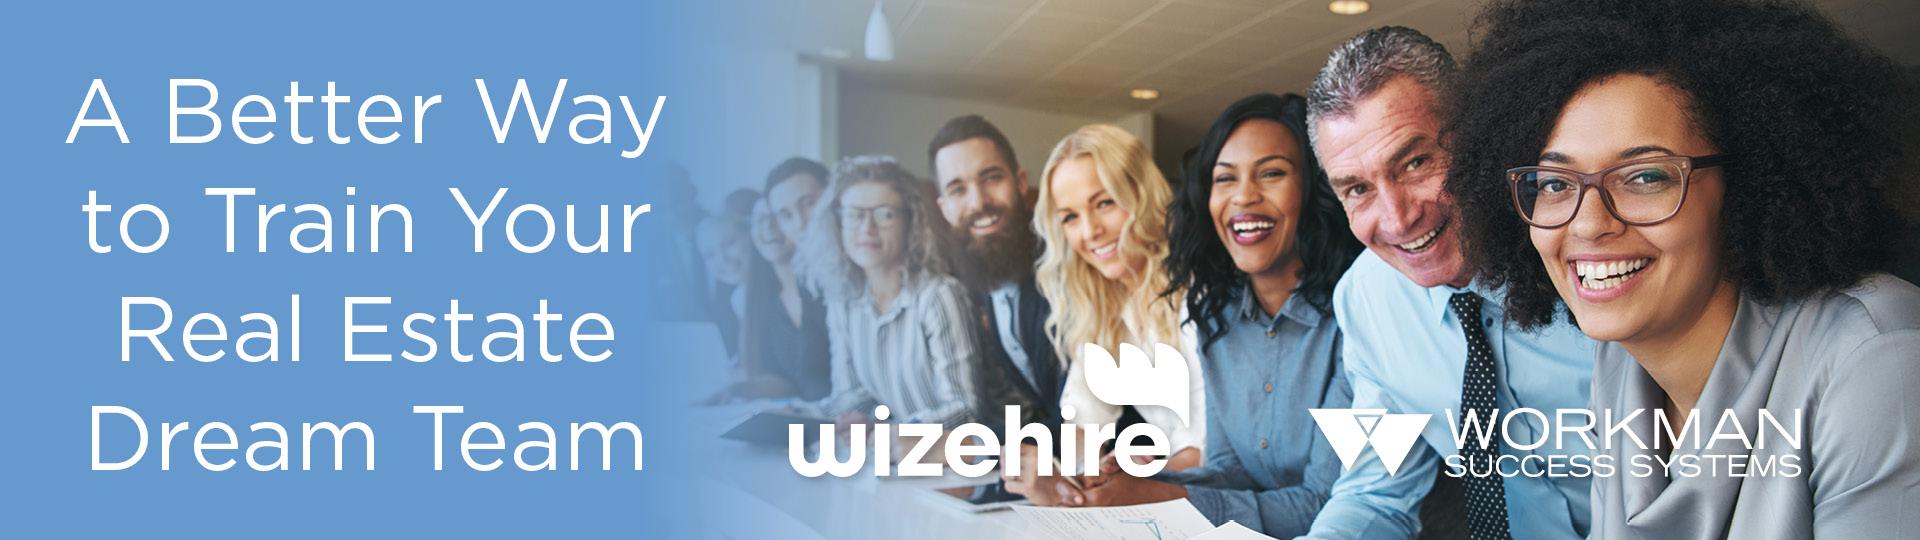 Wizehire header 1920x540 (1)